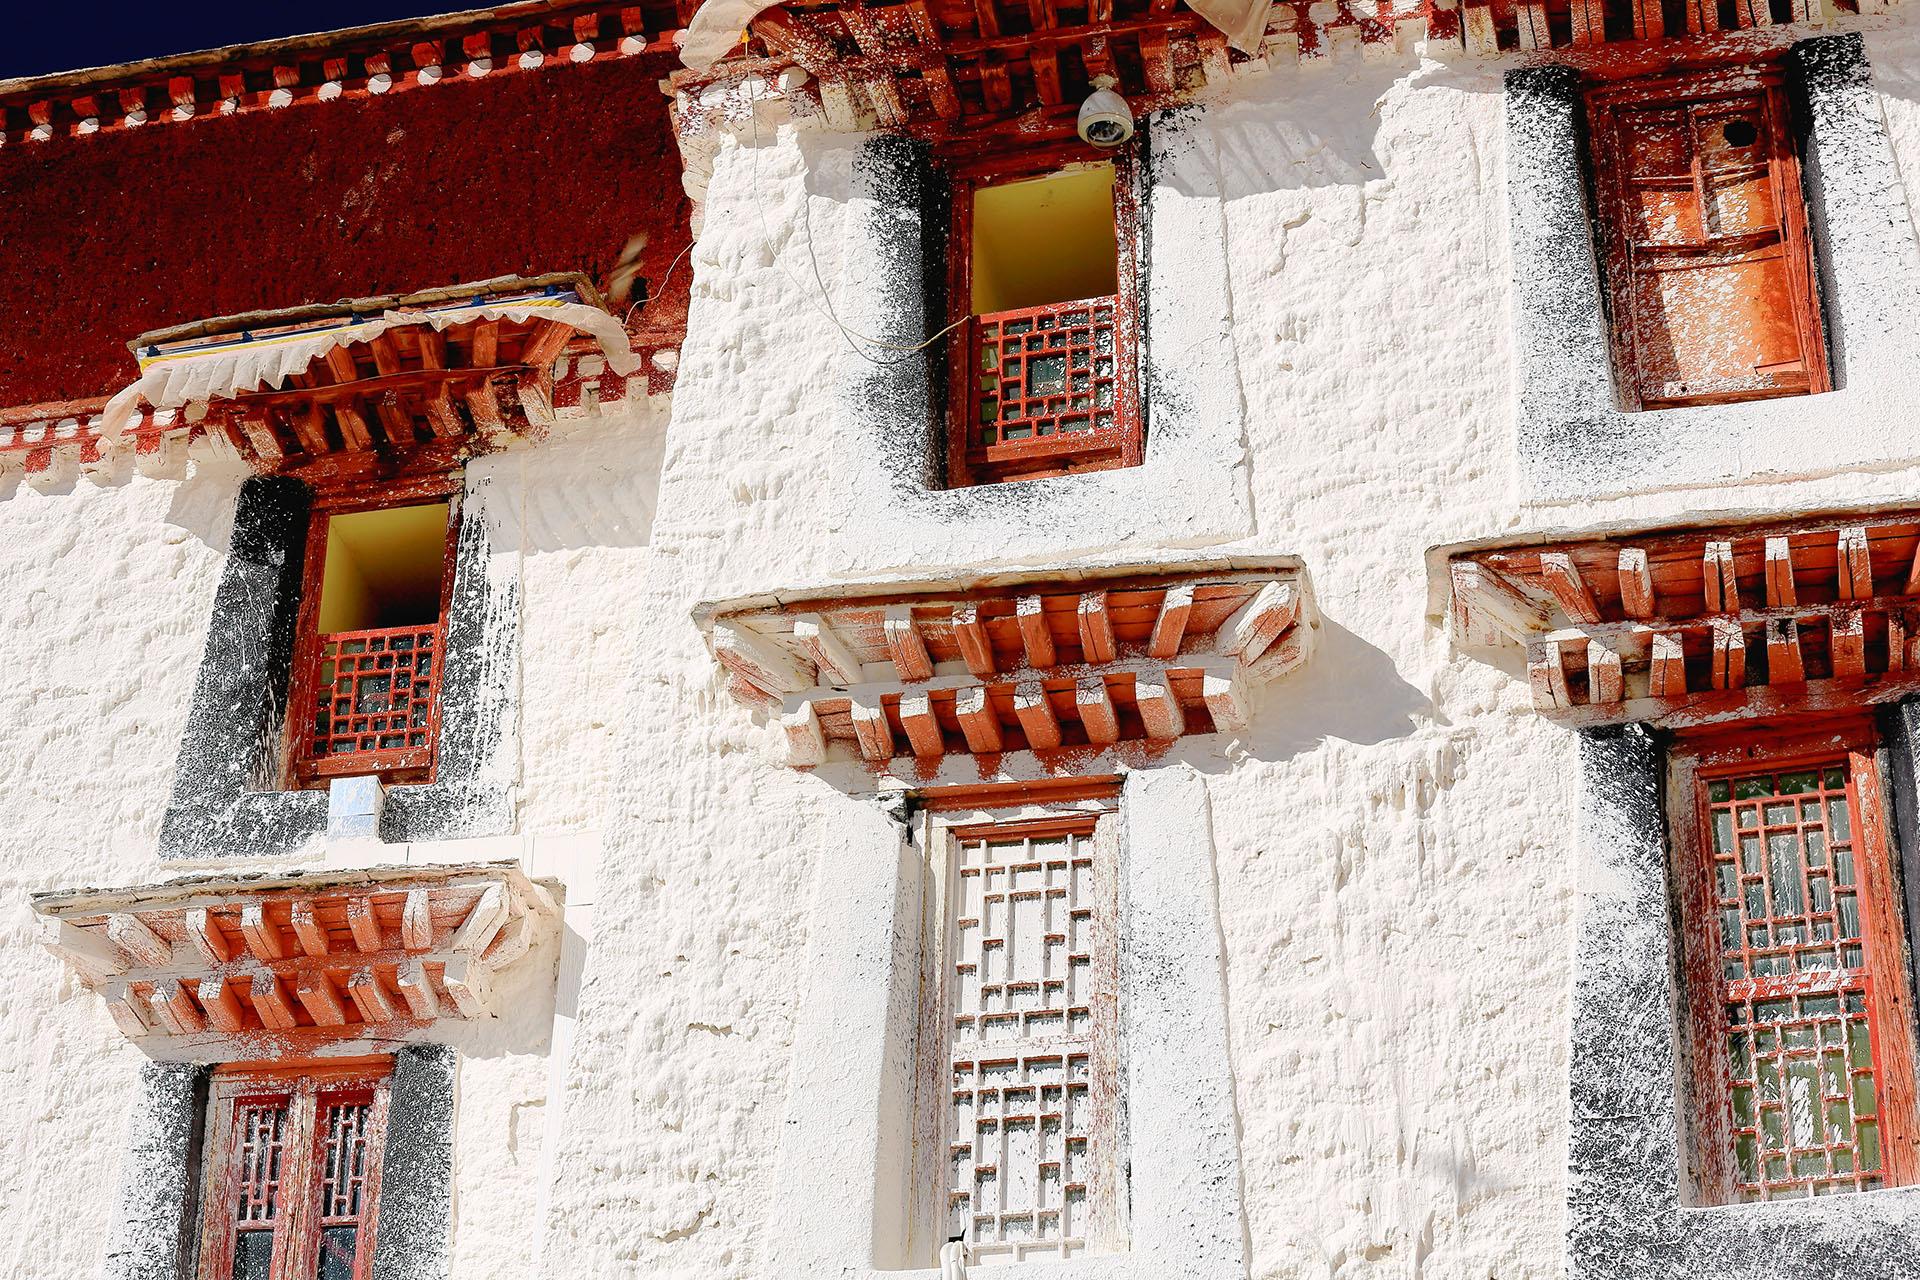 El palacio siempre tuvo usos seculares, contiene habitaciones, oficinas, un seminario y una casa de imprenta